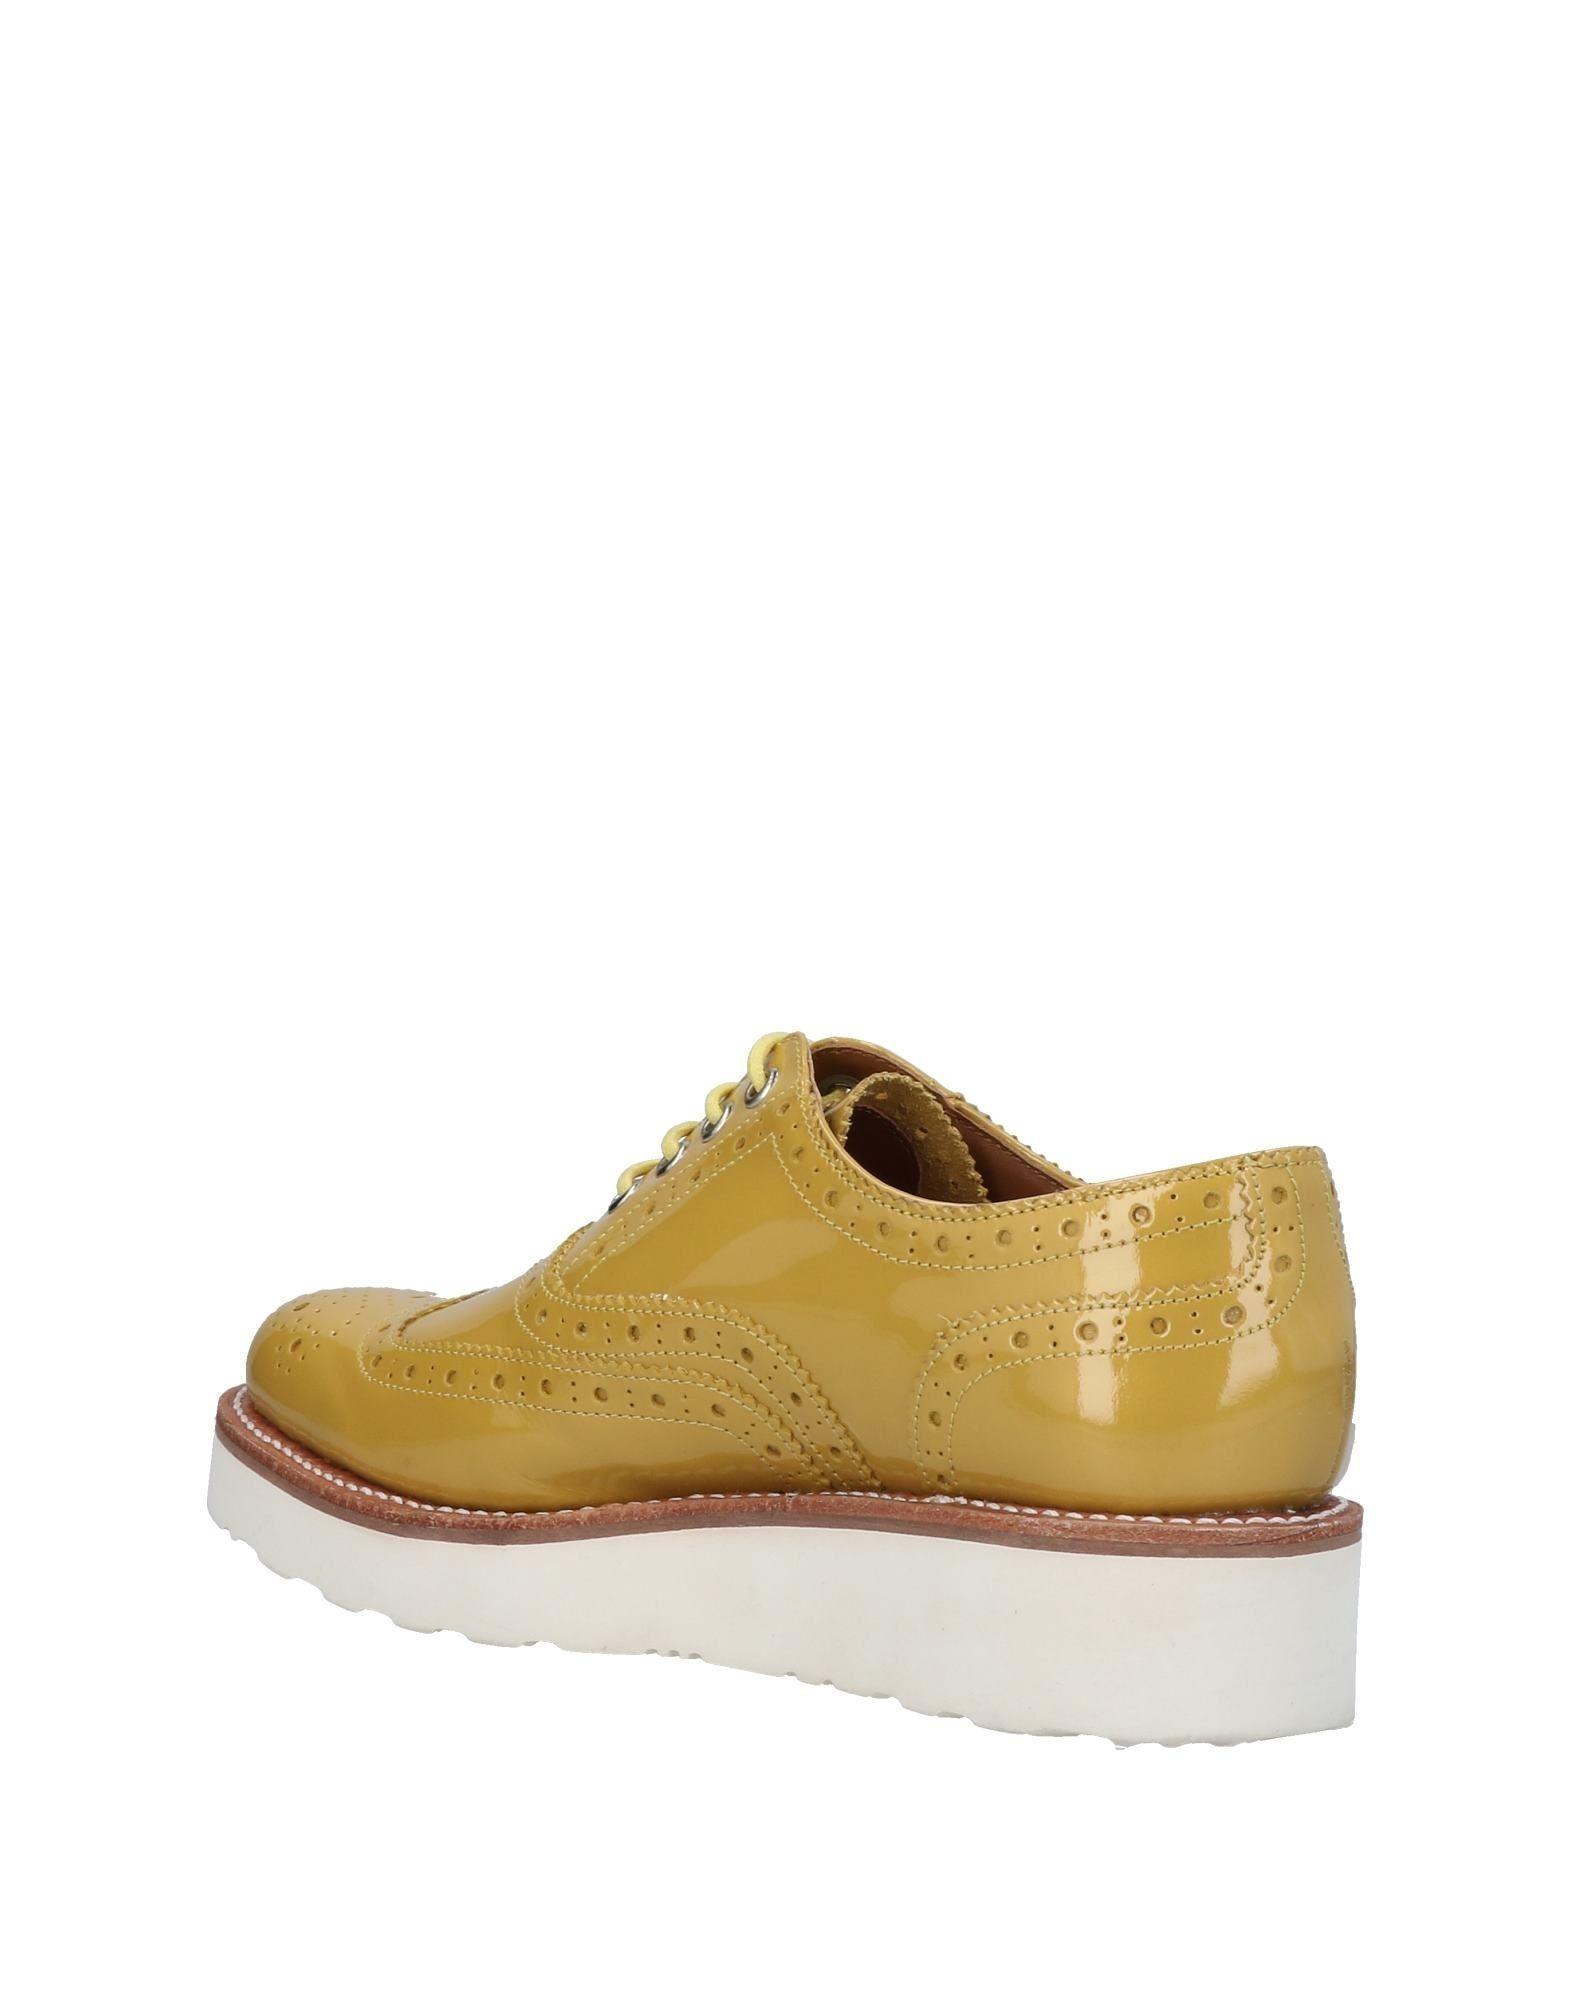 Chaussures - Tribunaux Chon qPc8YGjK